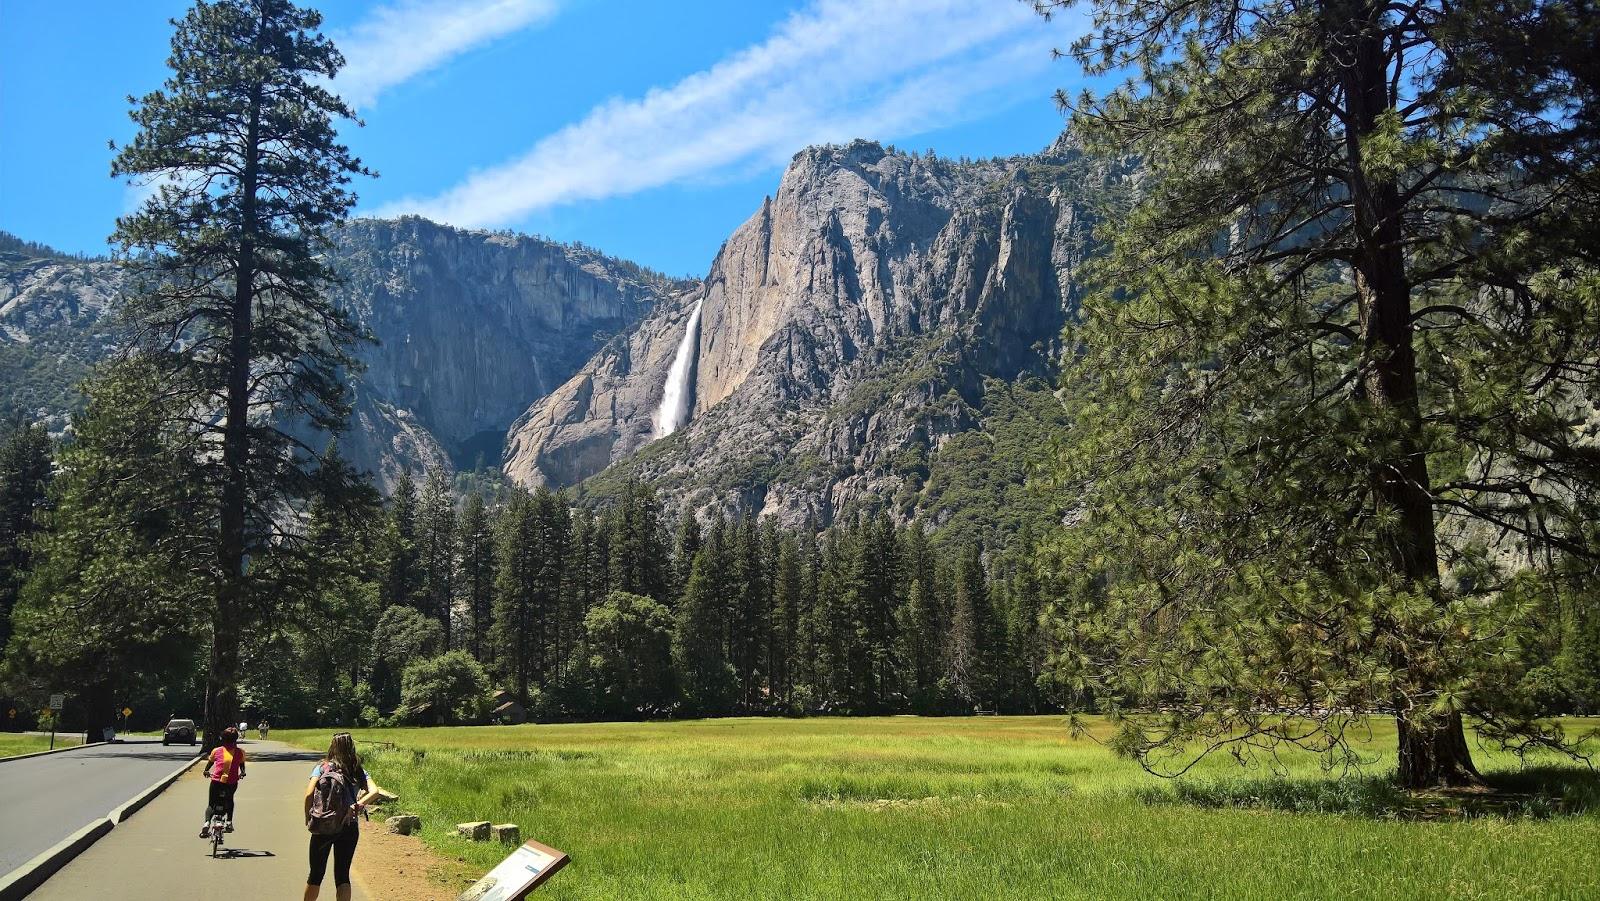 yosemite kansallispuisto national park california matkailu matkajuttu mallaspulla